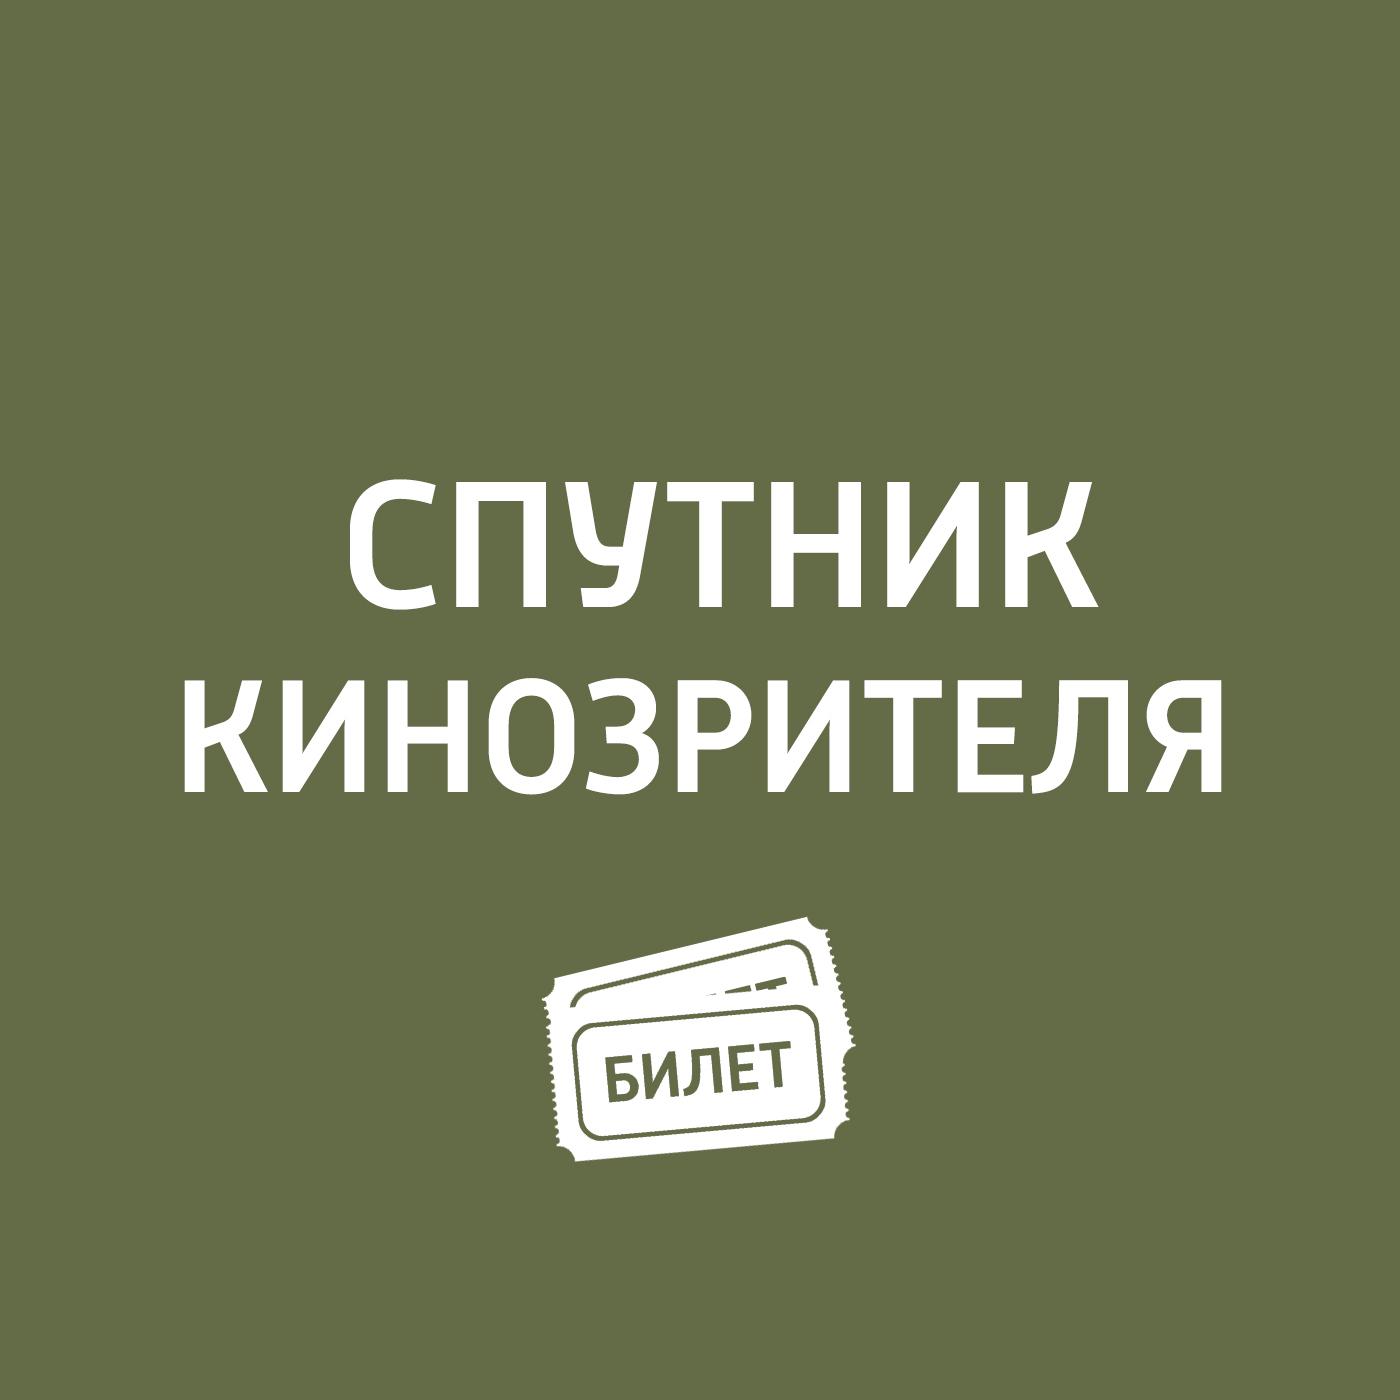 Антон Долин Что нас ждёт на ММКФ-2018 антон долин 39 й ммкф